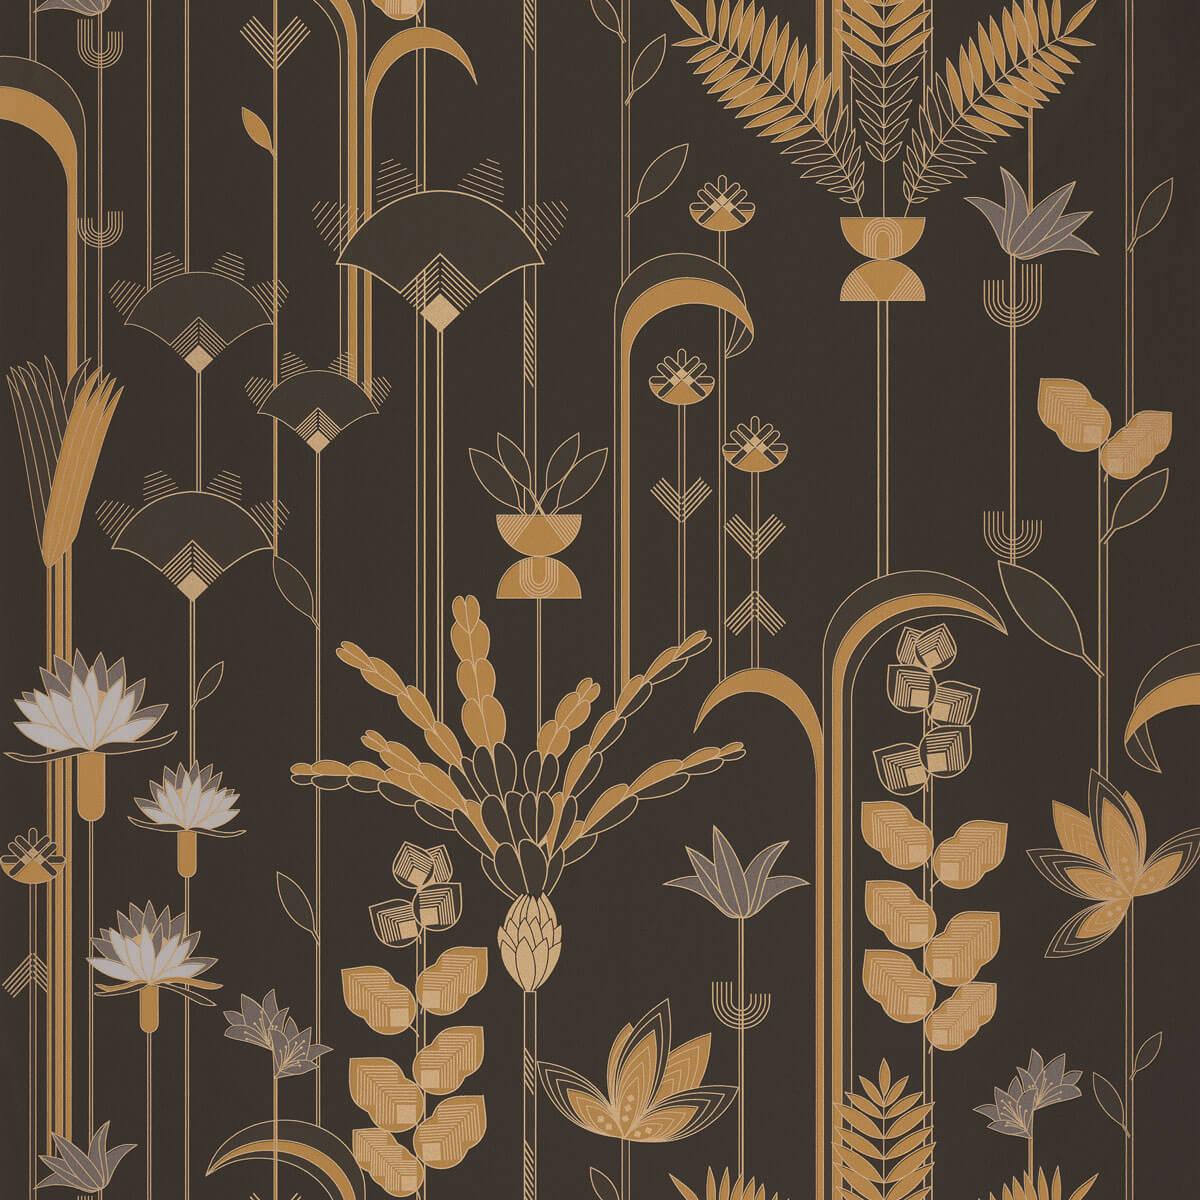 papiers peints albi castres conseil décor delzongle maison de la peinture saint maclou